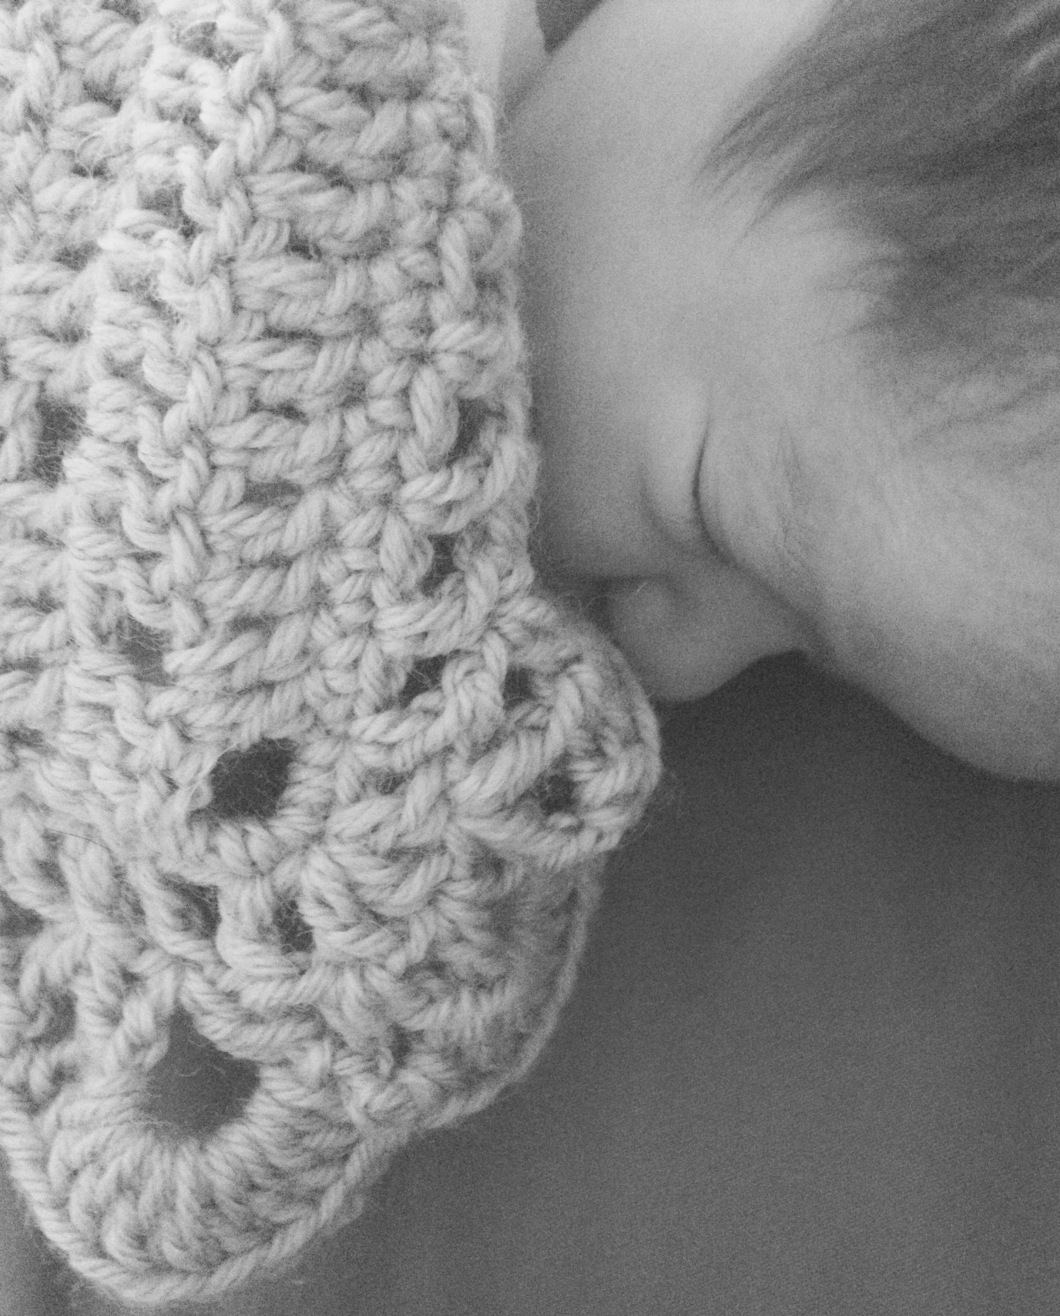 L'odore dei neonati